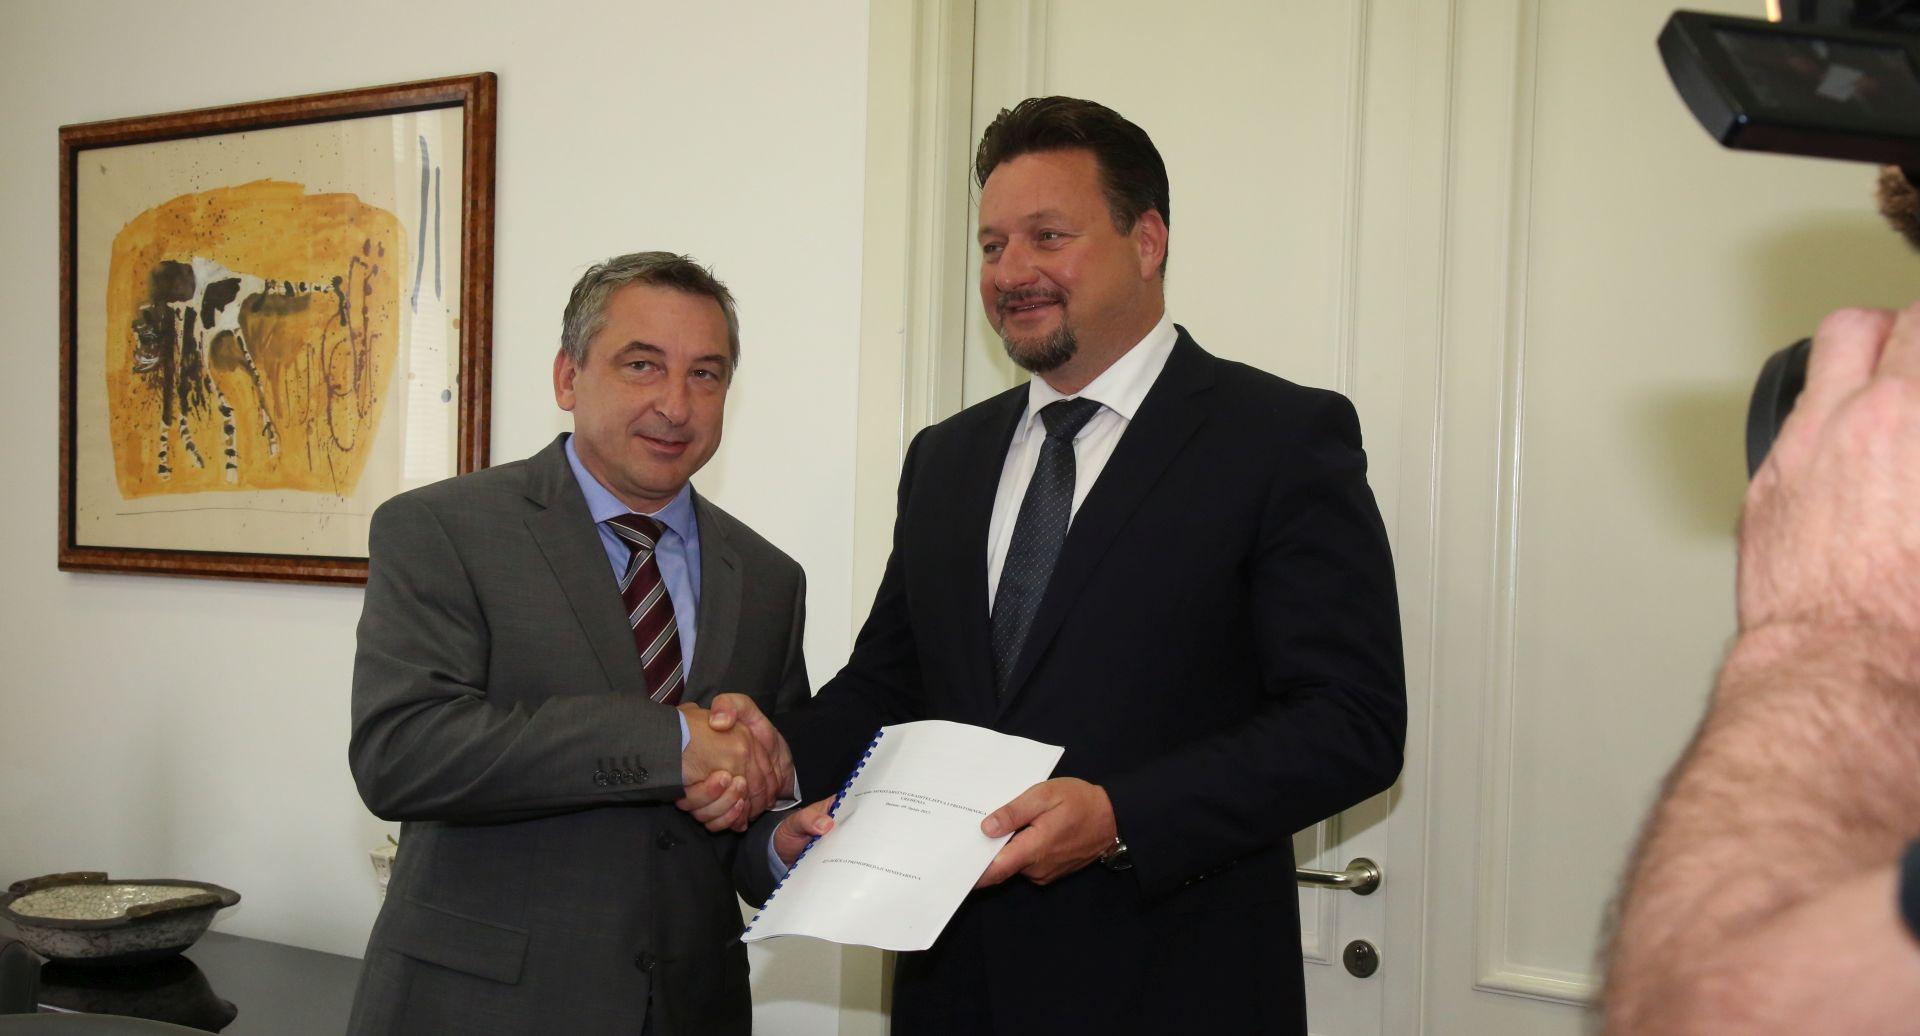 ŠTROMAR 'Stierova ostavka nije zbog koalicije HDZ-HNS'; KUŠČEVIĆ 'Ne odustajem od stvaranja bolje Hrvatske'